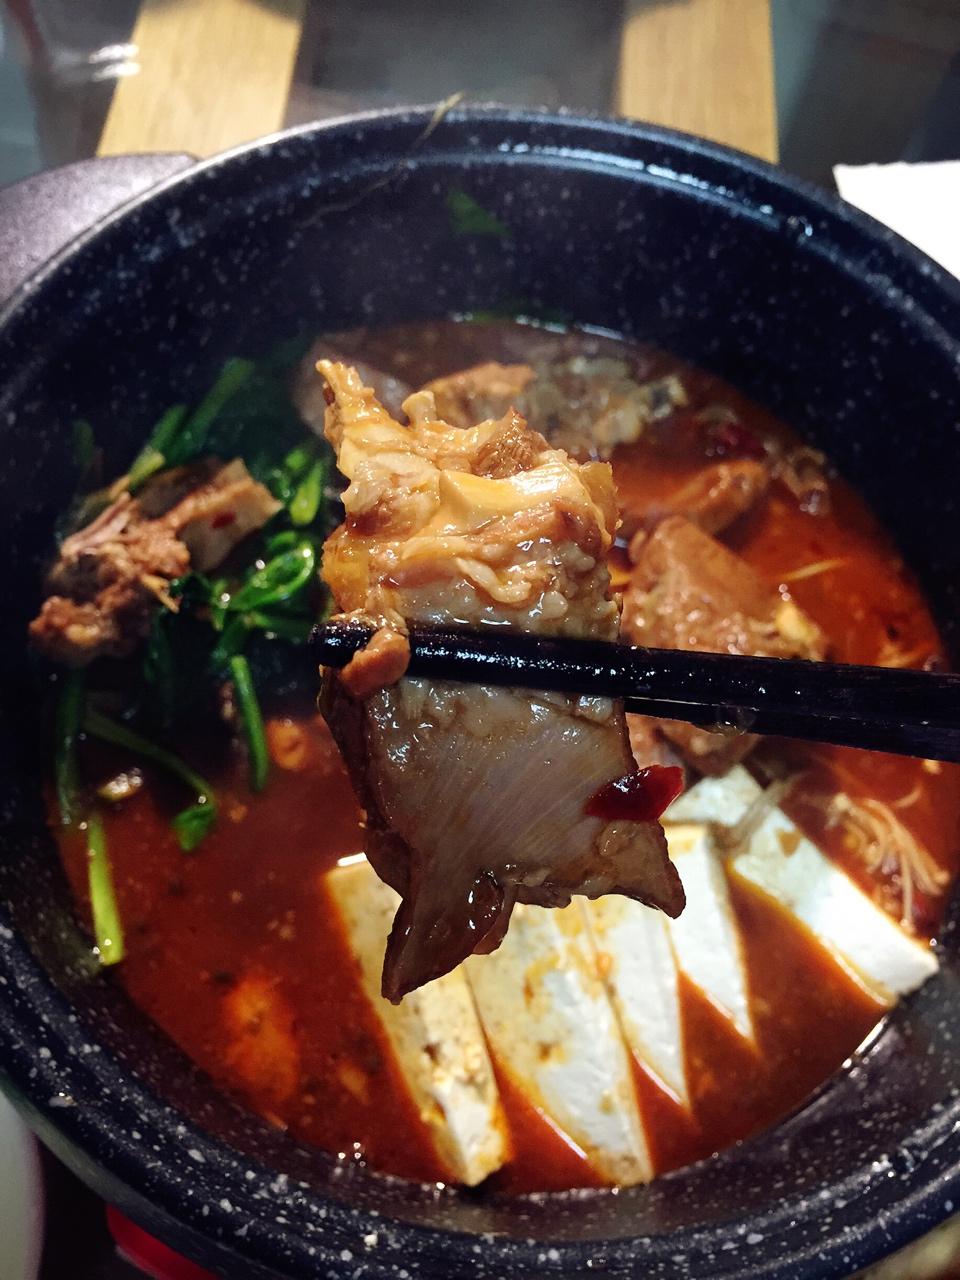 堂妈教你做红汤羊蝎子火锅的做法 步骤32